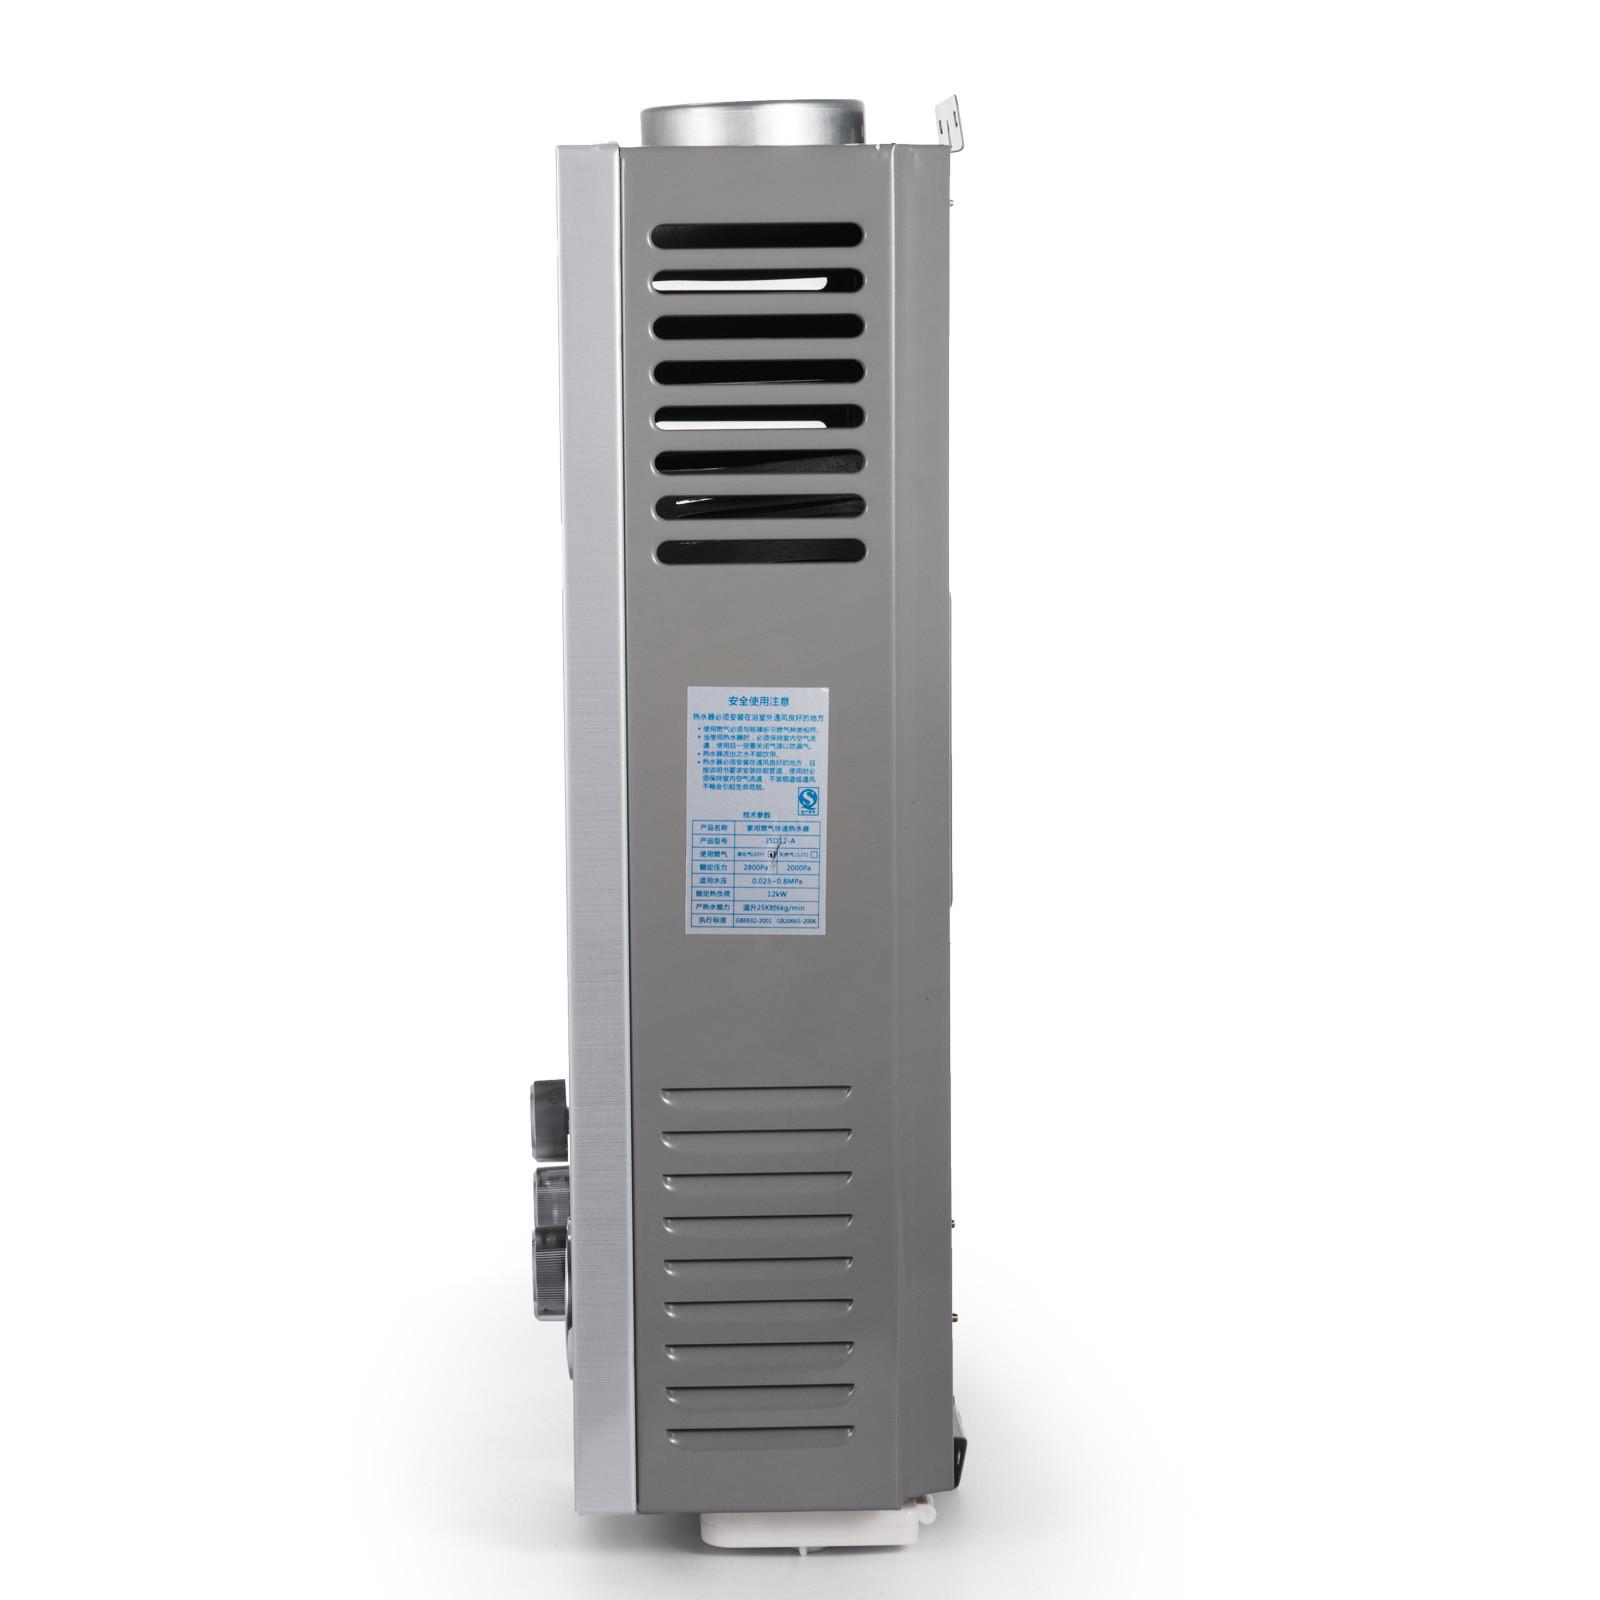 Propangas-Gas-Durchlauferhitzer-Warmwasserbereiter-Boiler-Warmwasserspeicher Indexbild 52